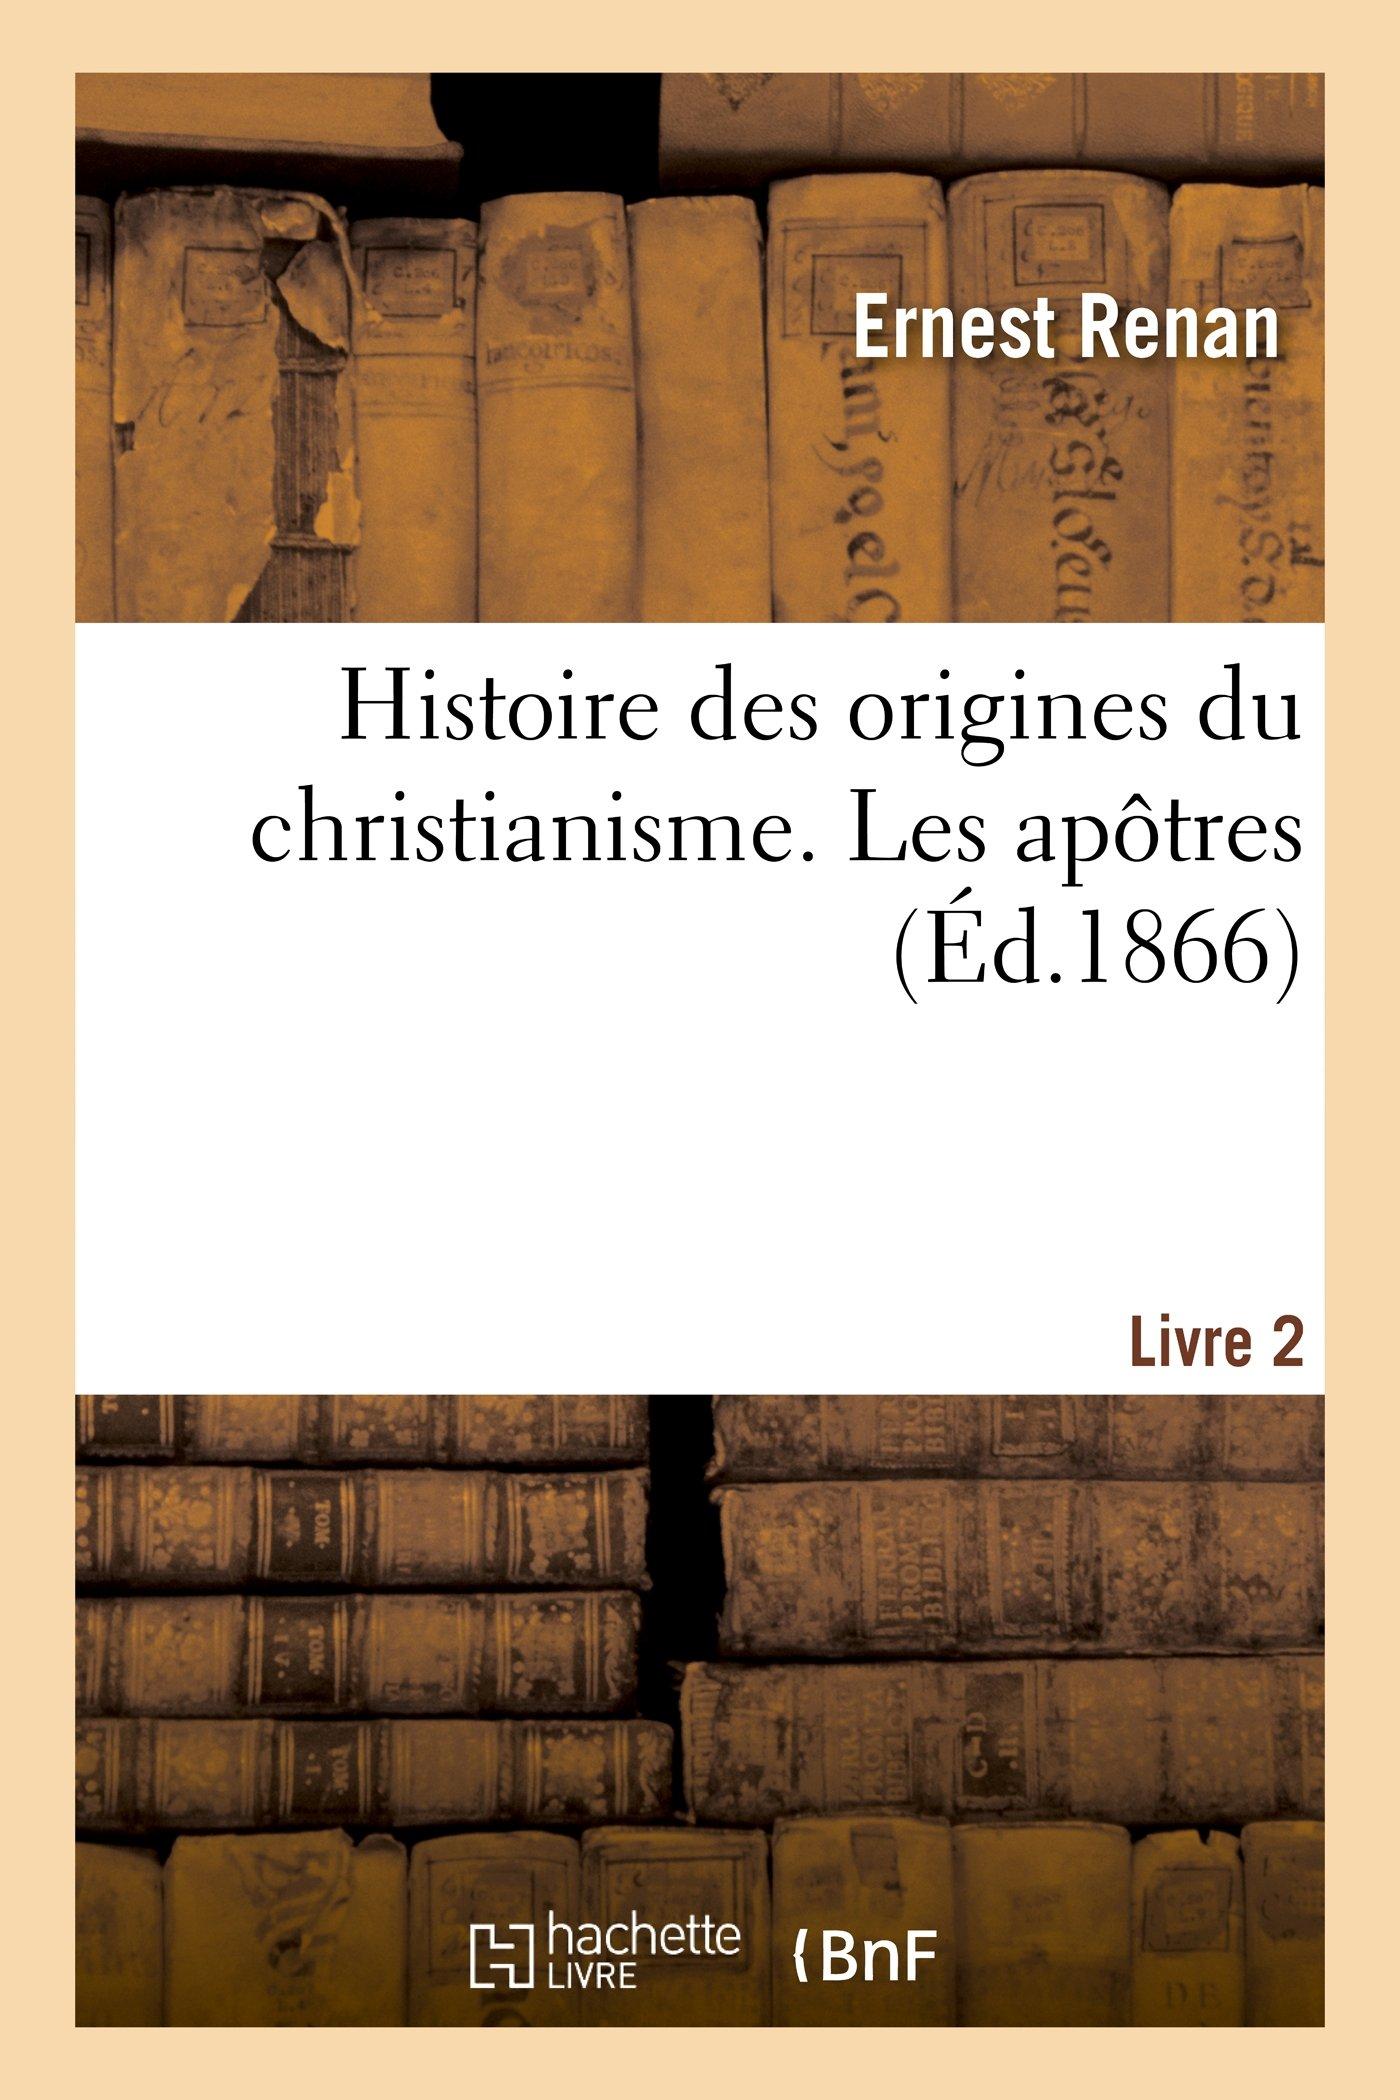 Histoire Des Origines Du Christianisme; Livre 2. Les Apotres (French Edition) PDF